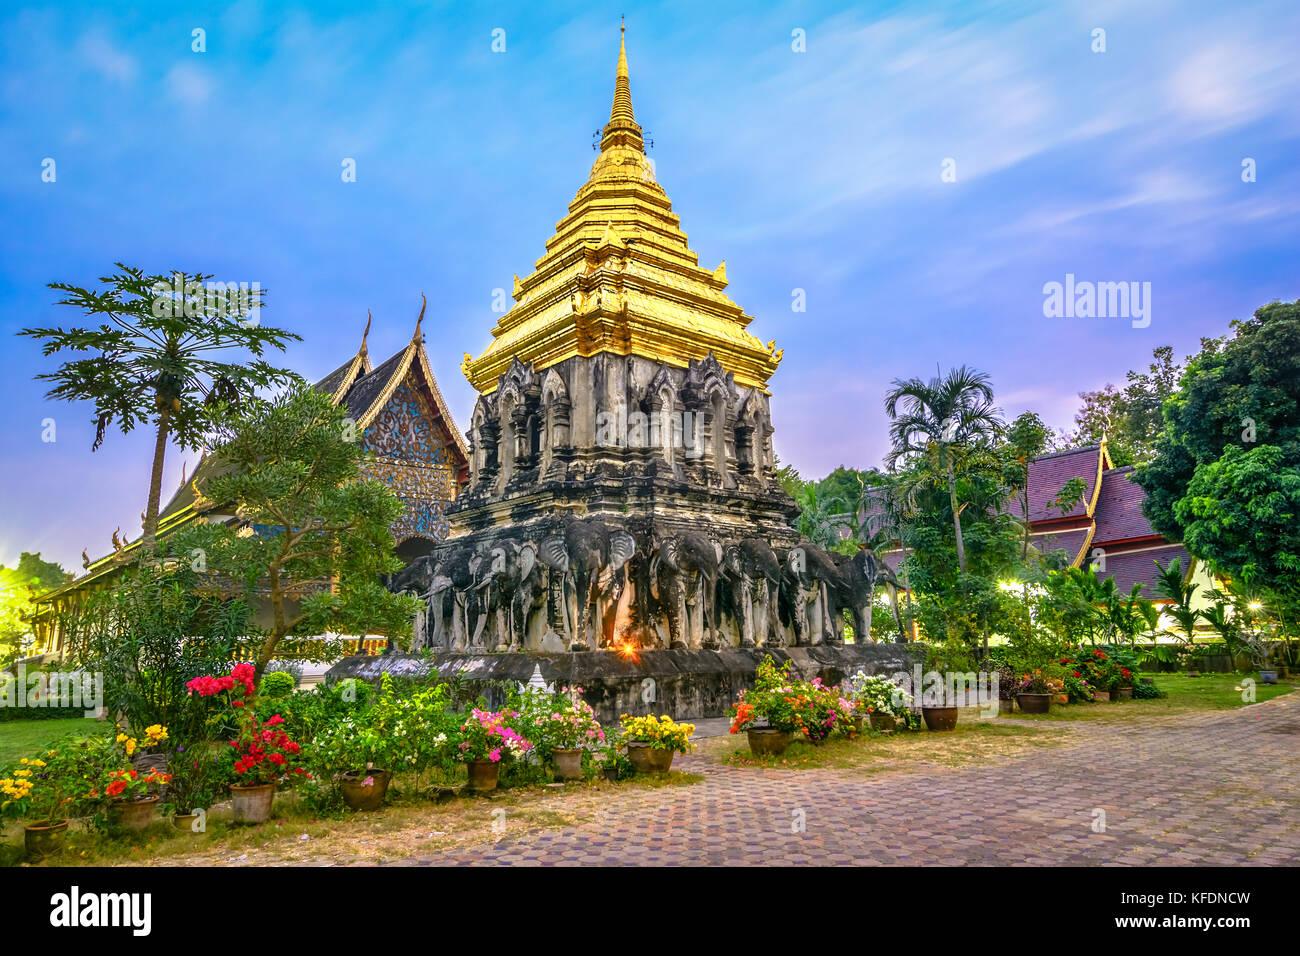 Chedi Chang Lom e Viharn, Wat Chiang Man, Chiang Mai, Thailandia,Asia Immagini Stock